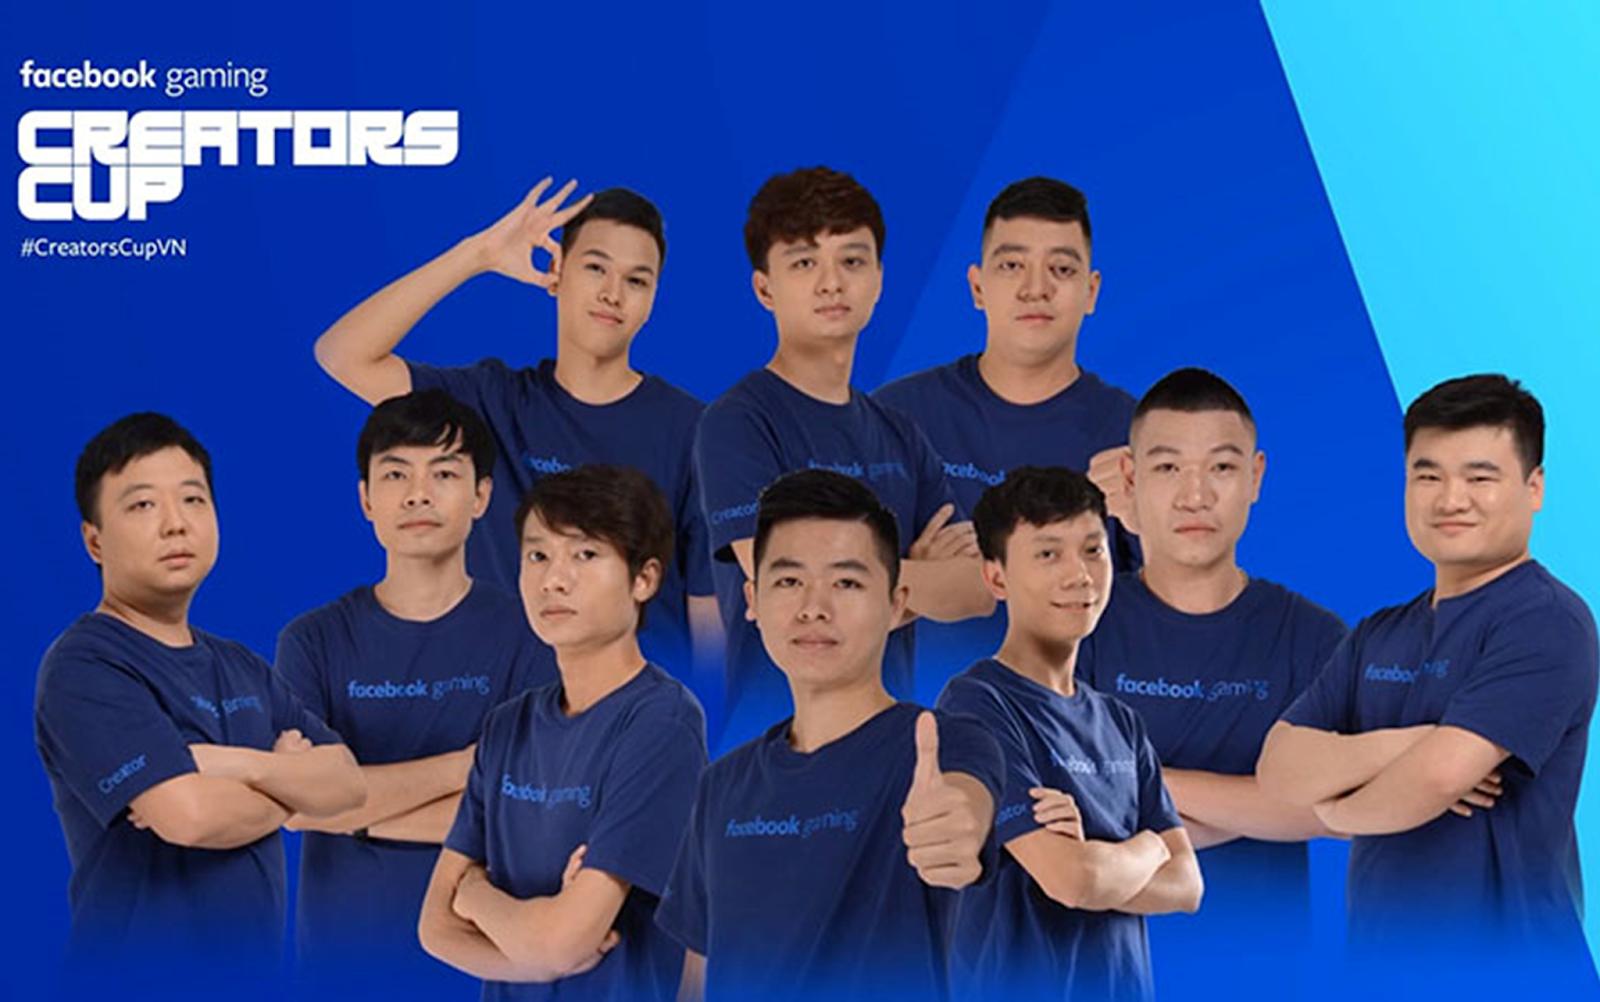 Vòng 7 và 8 giải đấu AoE Facebook Gaming Creators Cup 2019: Cuộc cạnh tranh khốc liệt trong top 5